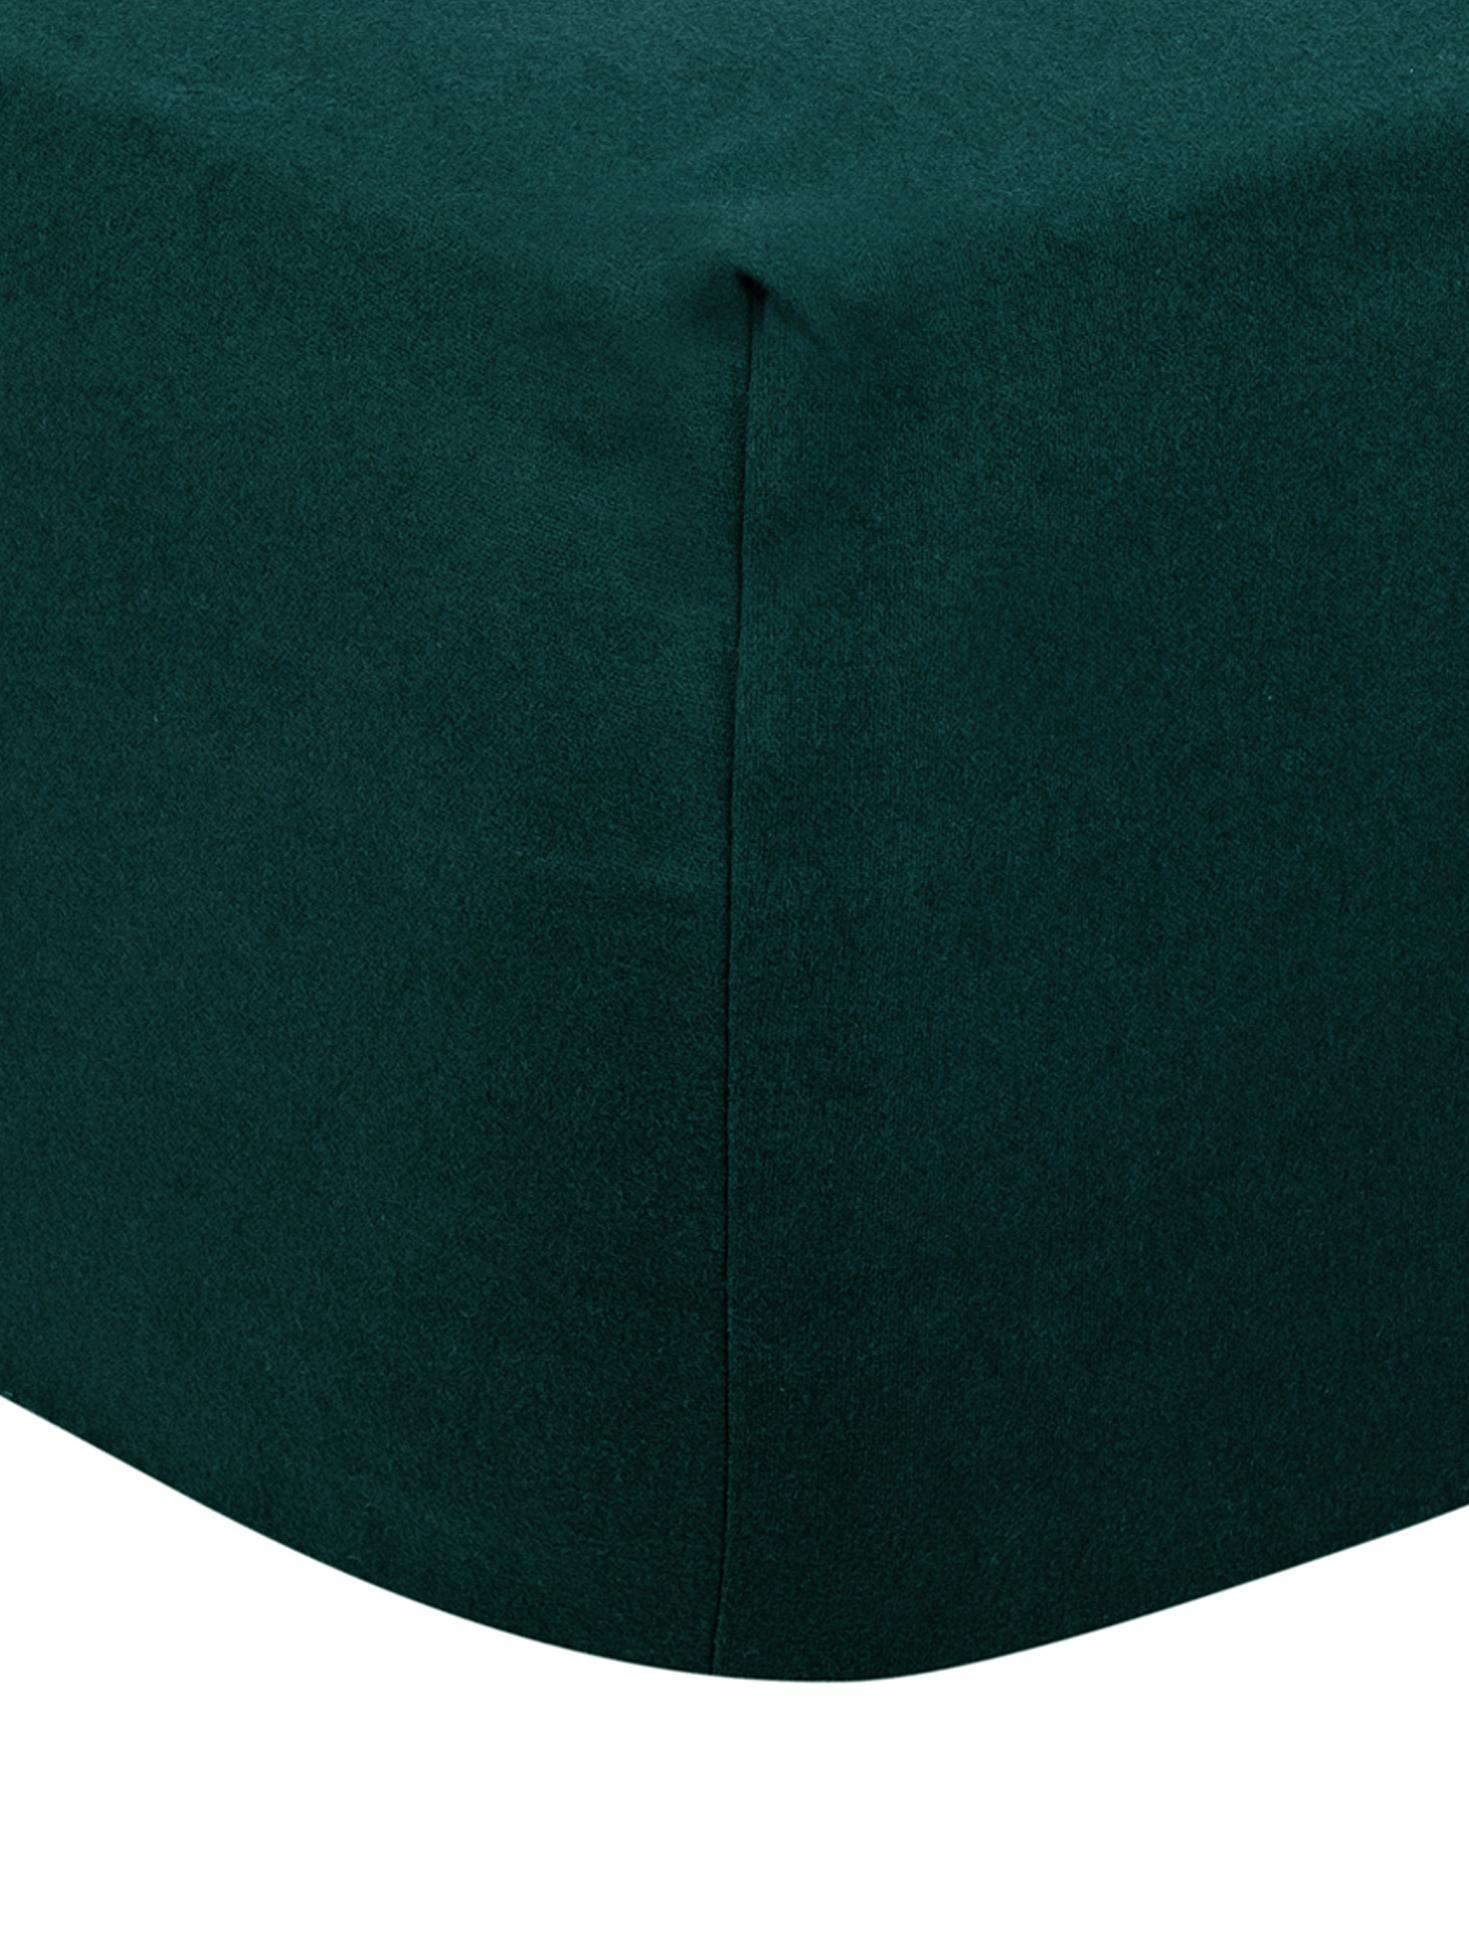 Prześcieradło z gumką z flaneli Biba, Zielony, S 160 x D 200 cm